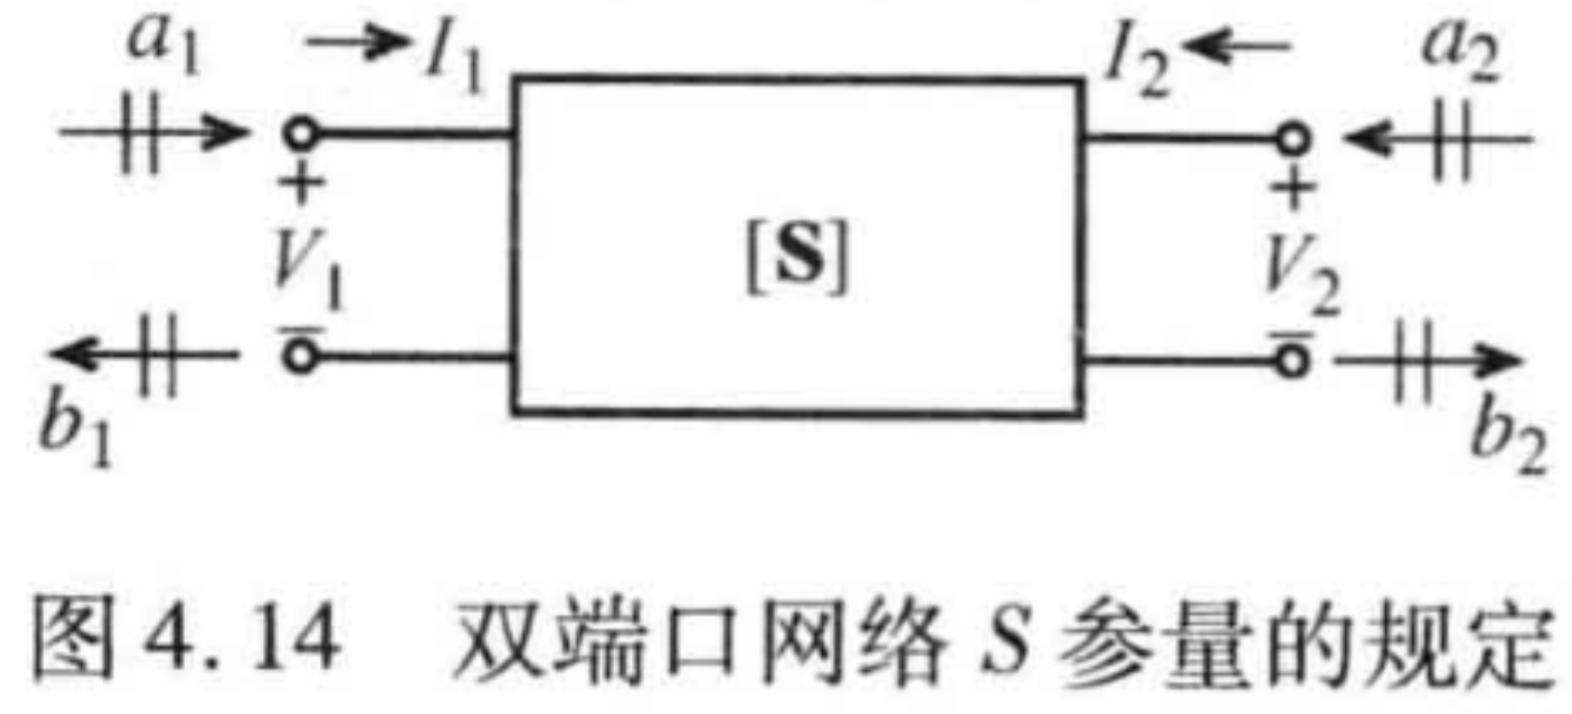 双端口网络S参量